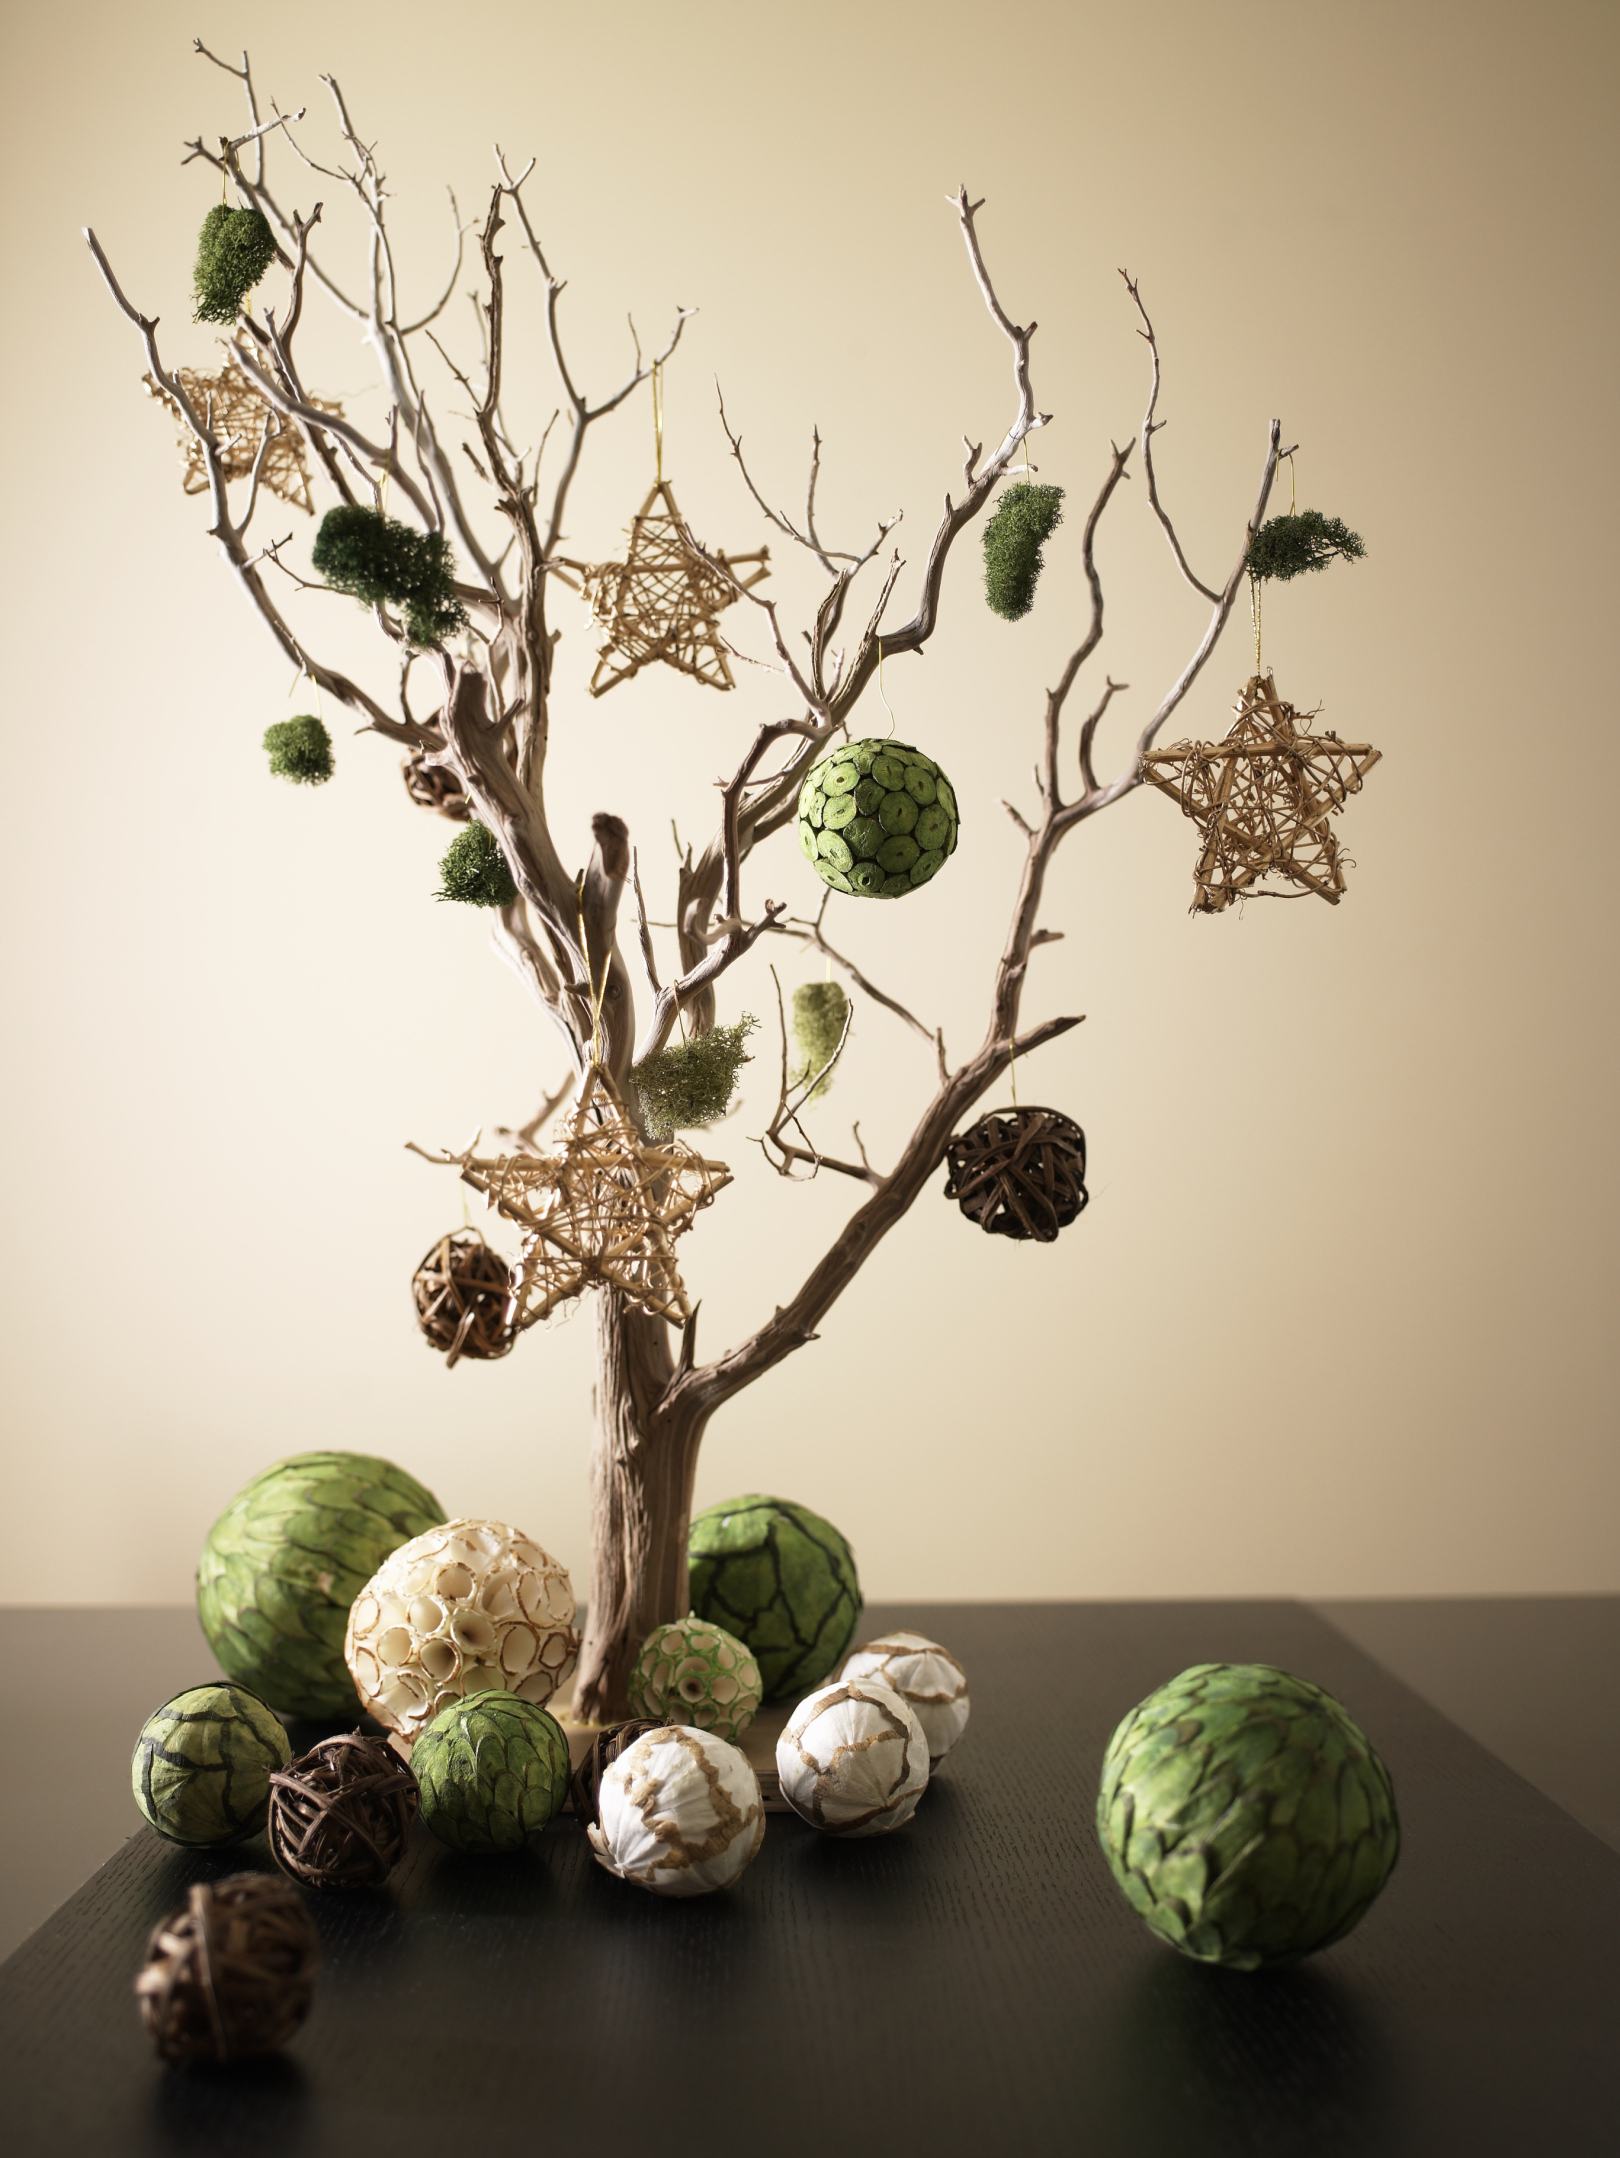 Decoraciones hechas con ramas de árbol naturales |